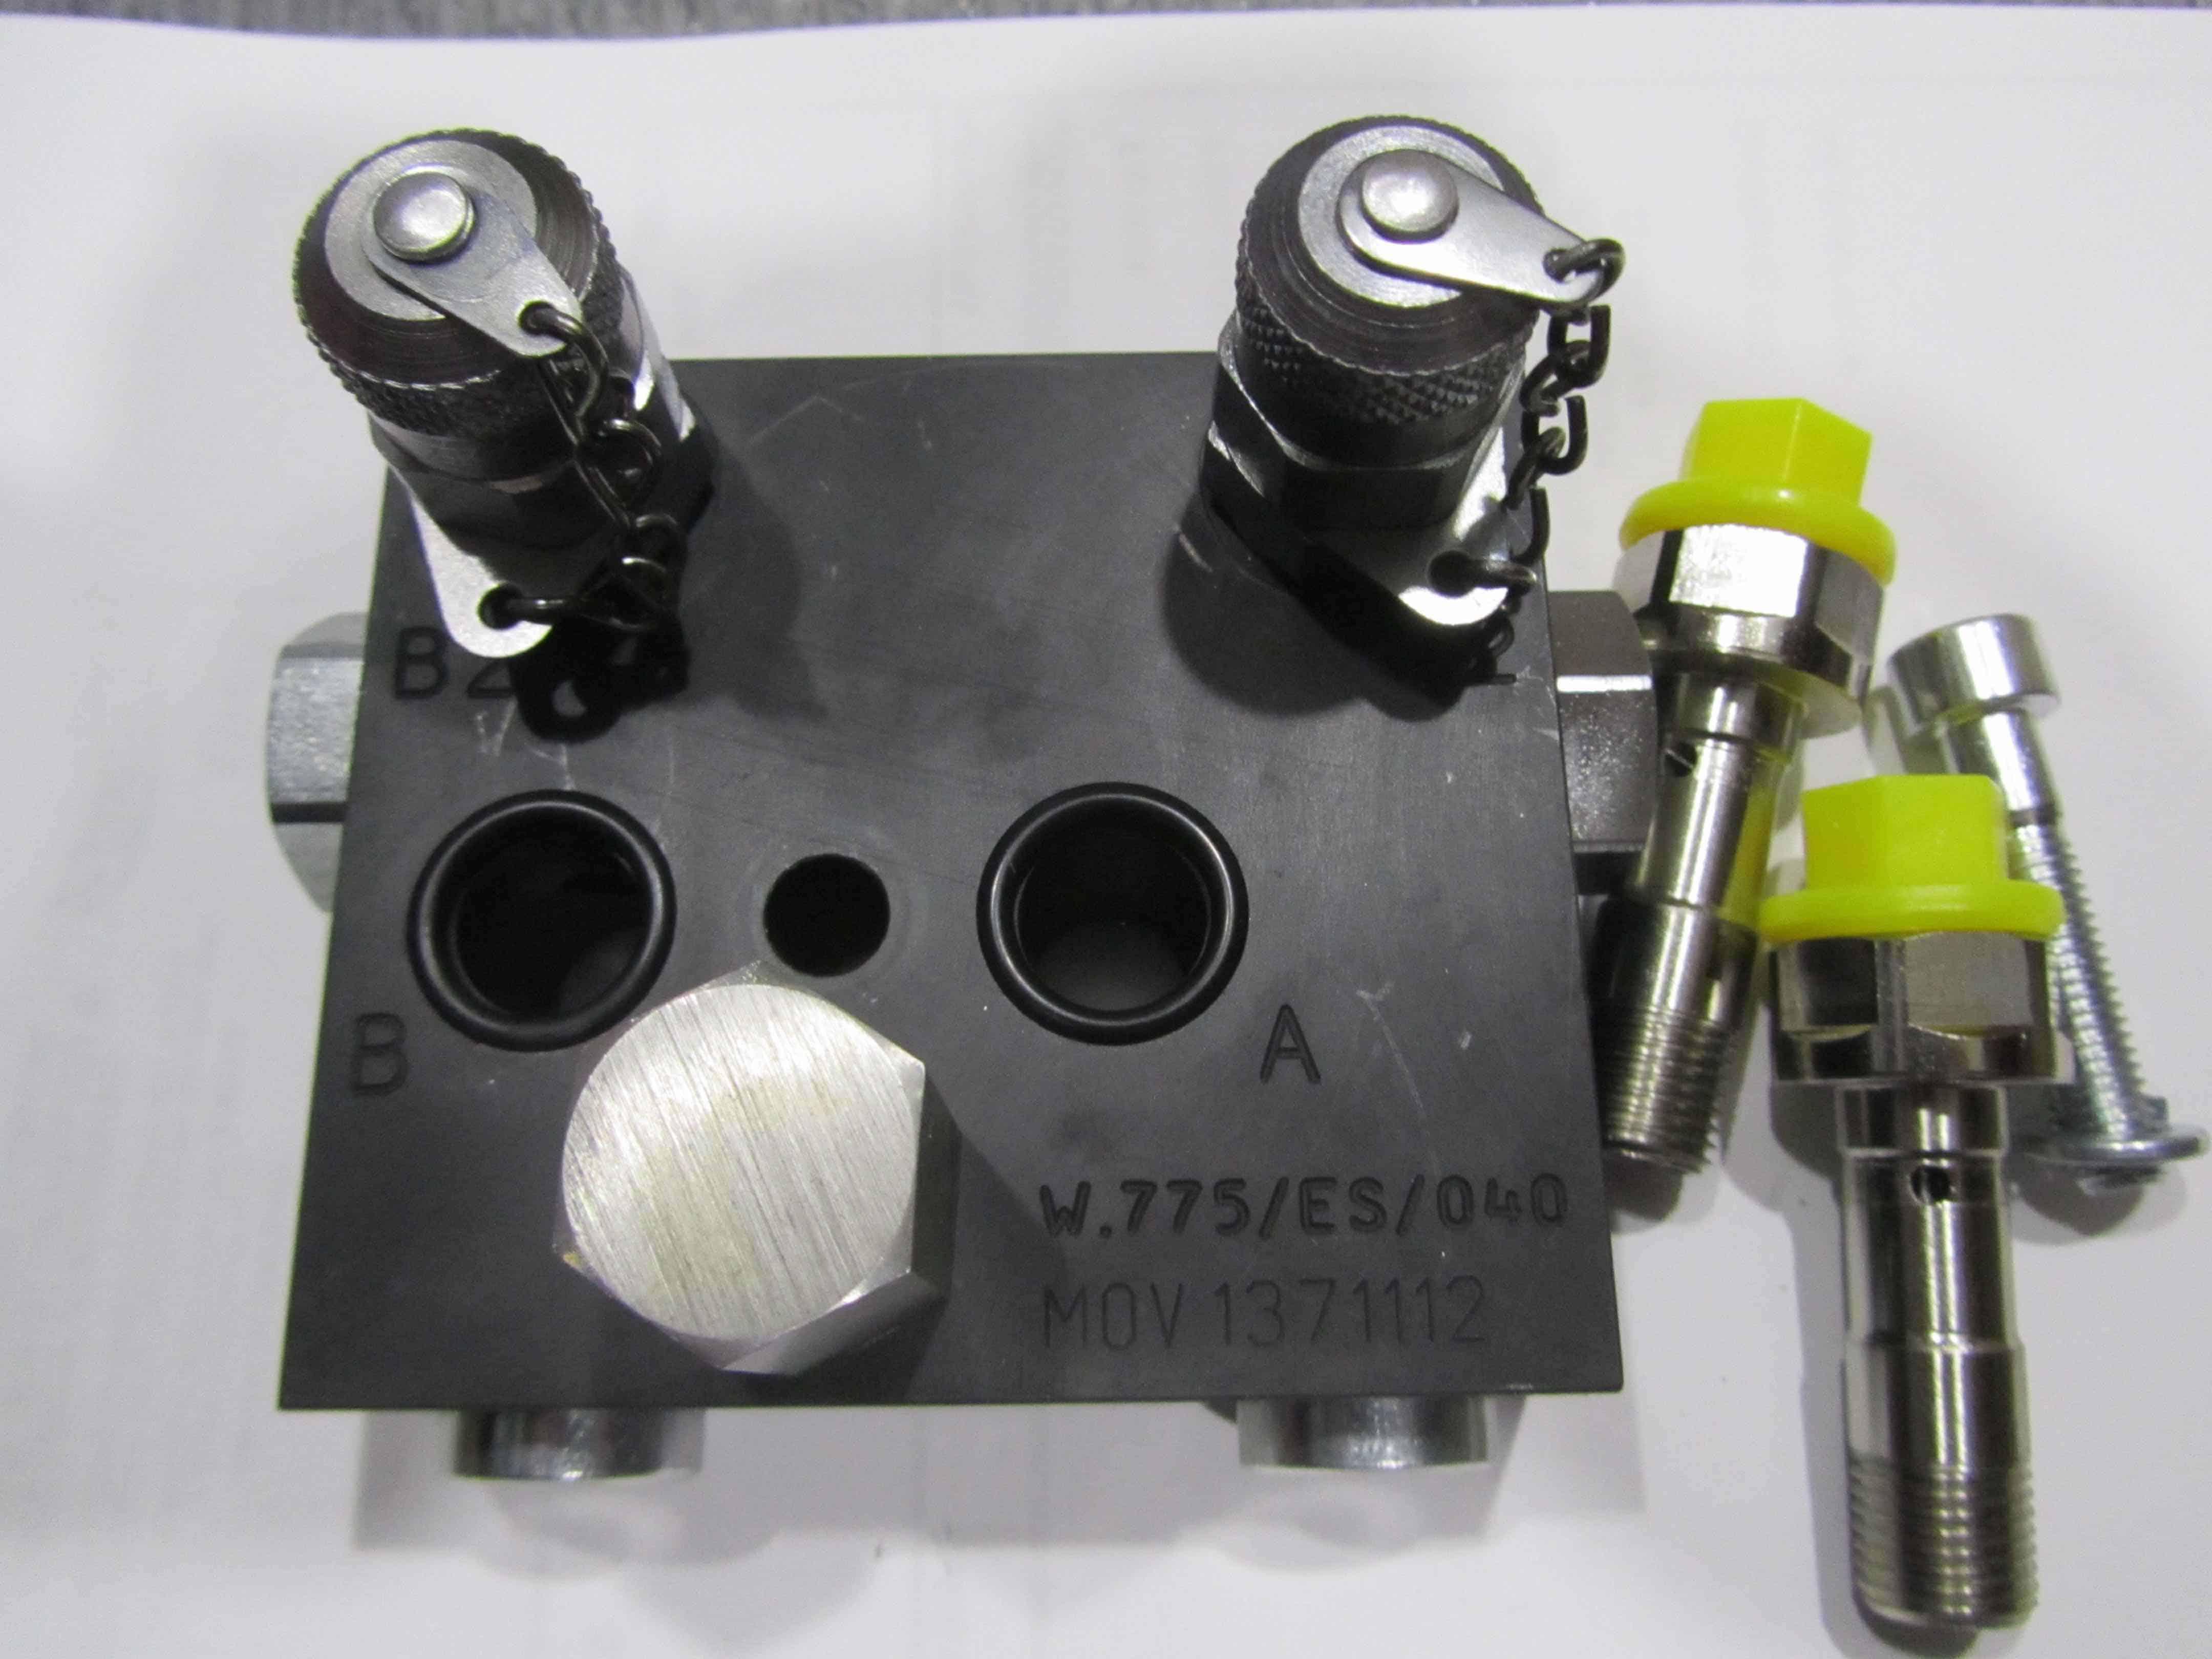 Medana & Visca W.775:ES:040 Control Block Image